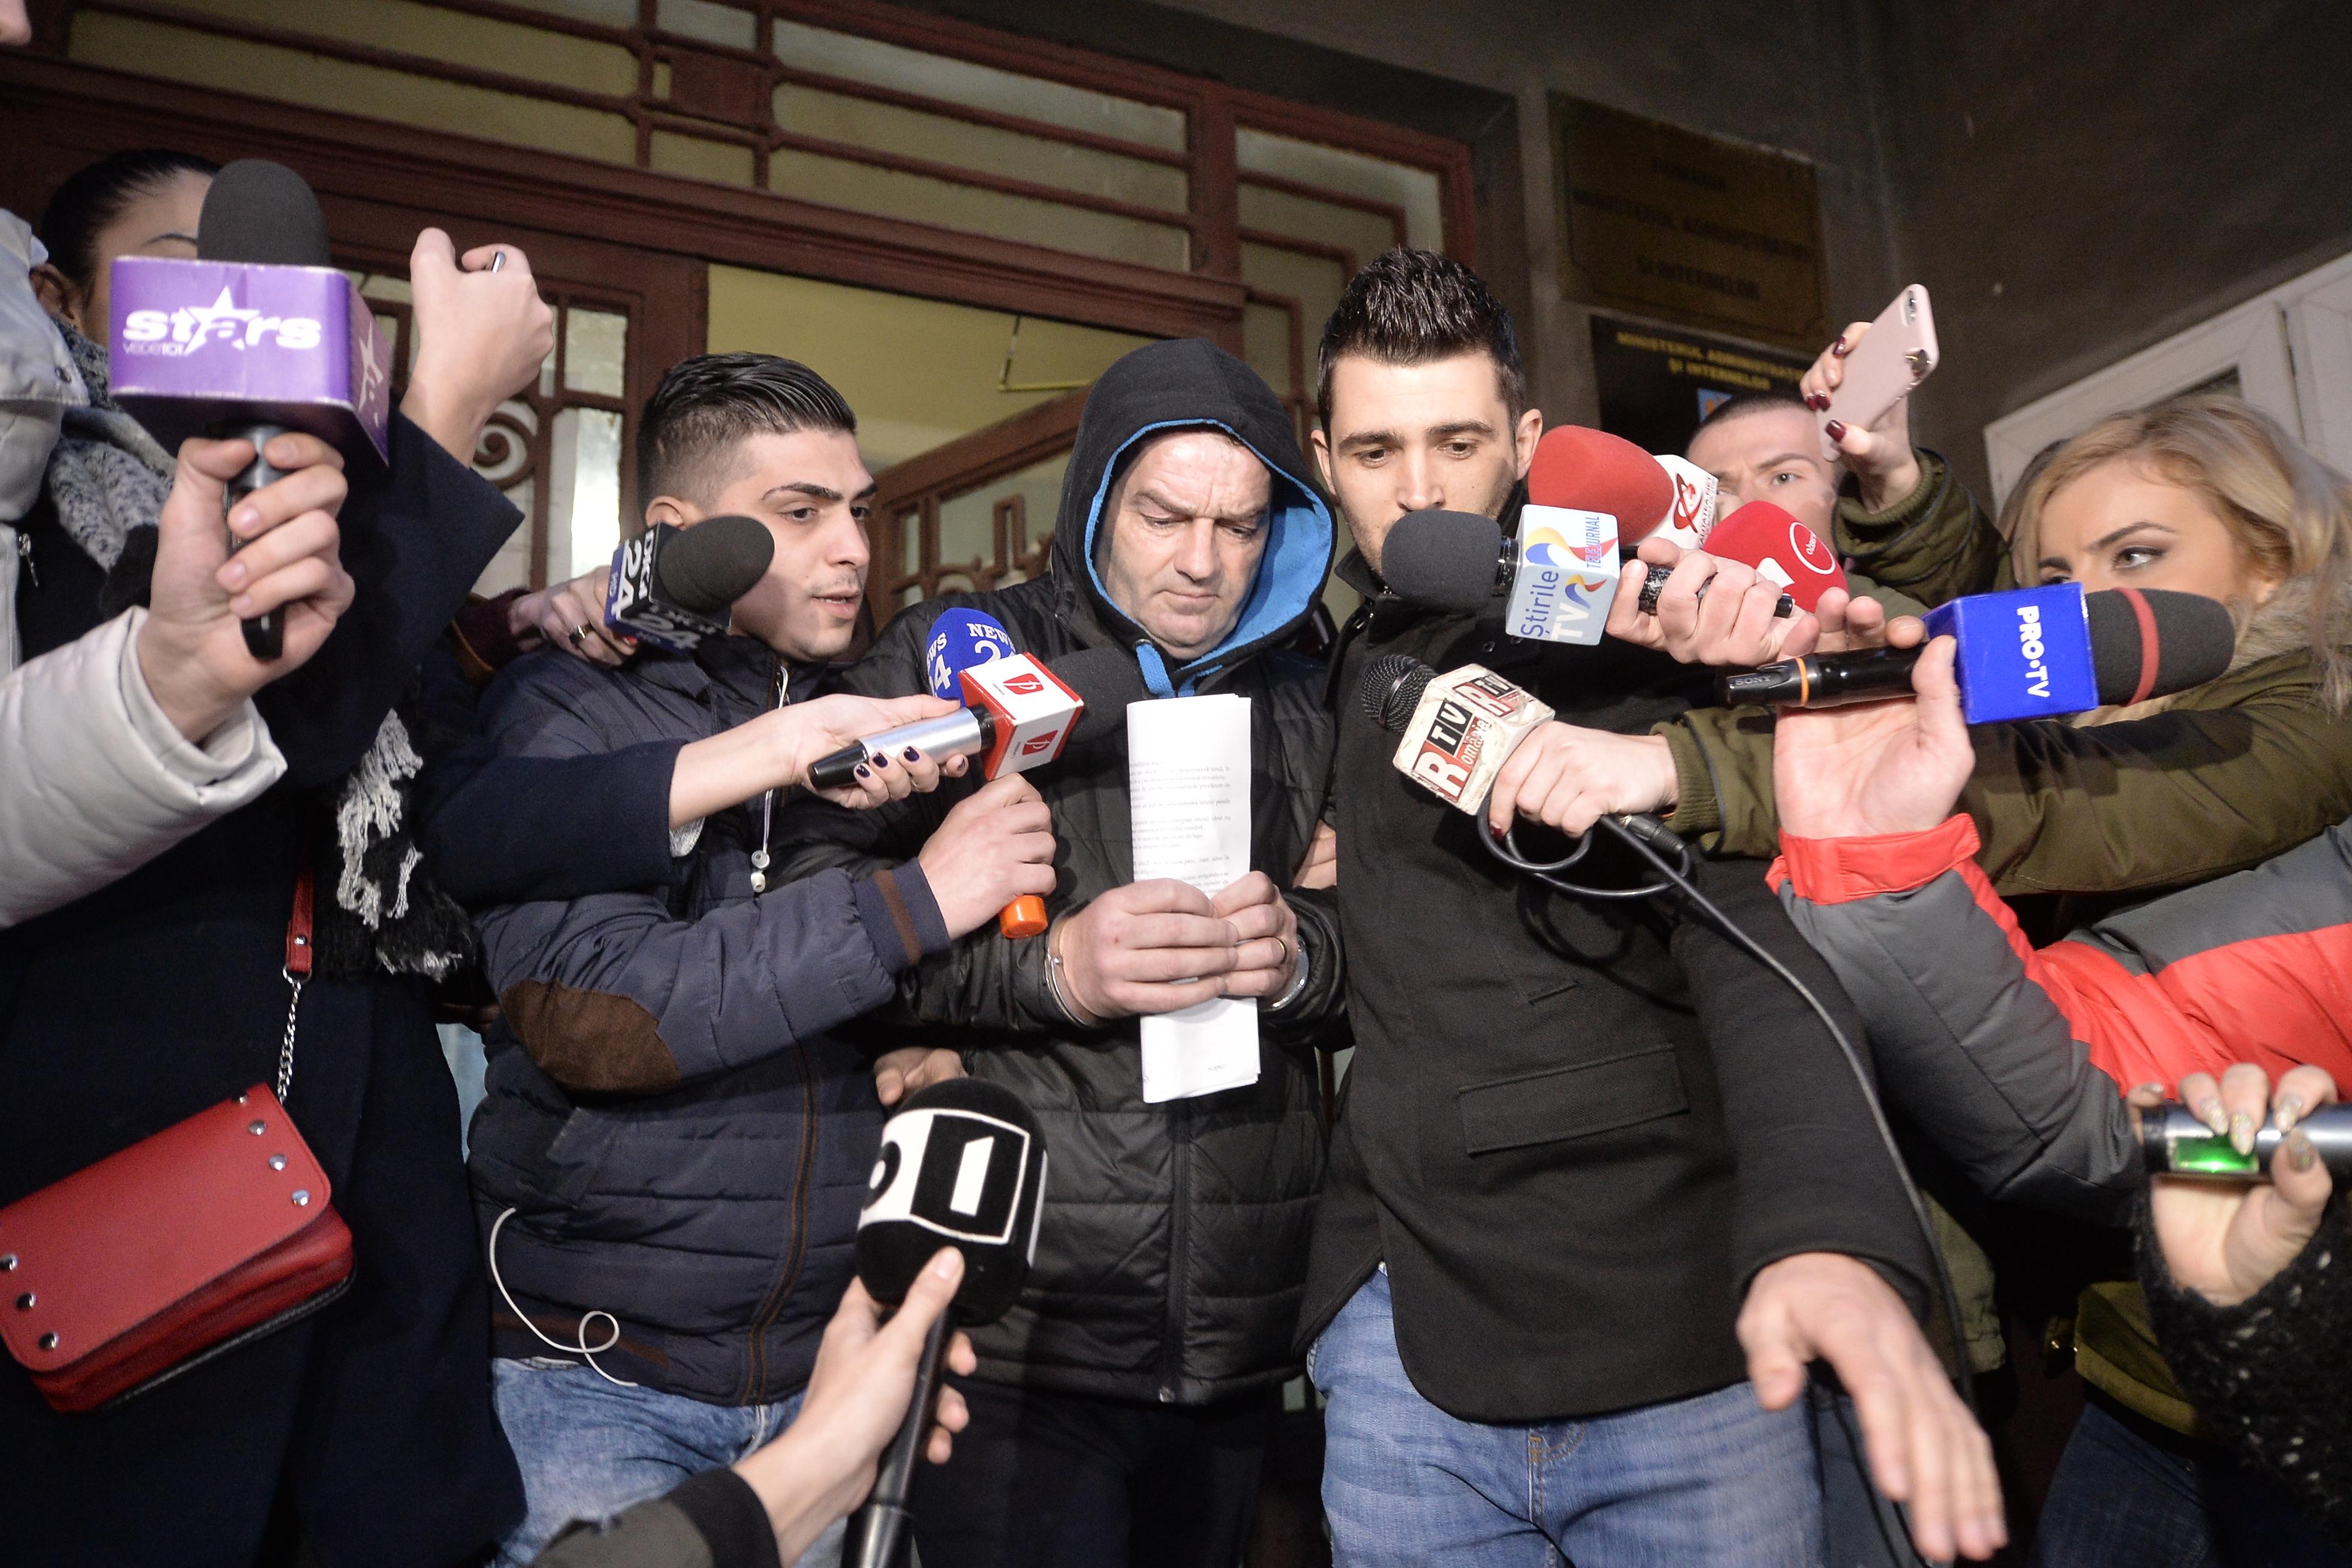 Eugen Stan, poliţistul acuzat de pedofilie, adus la Judecătoria Sectorului 6 pentru cererea de arestare